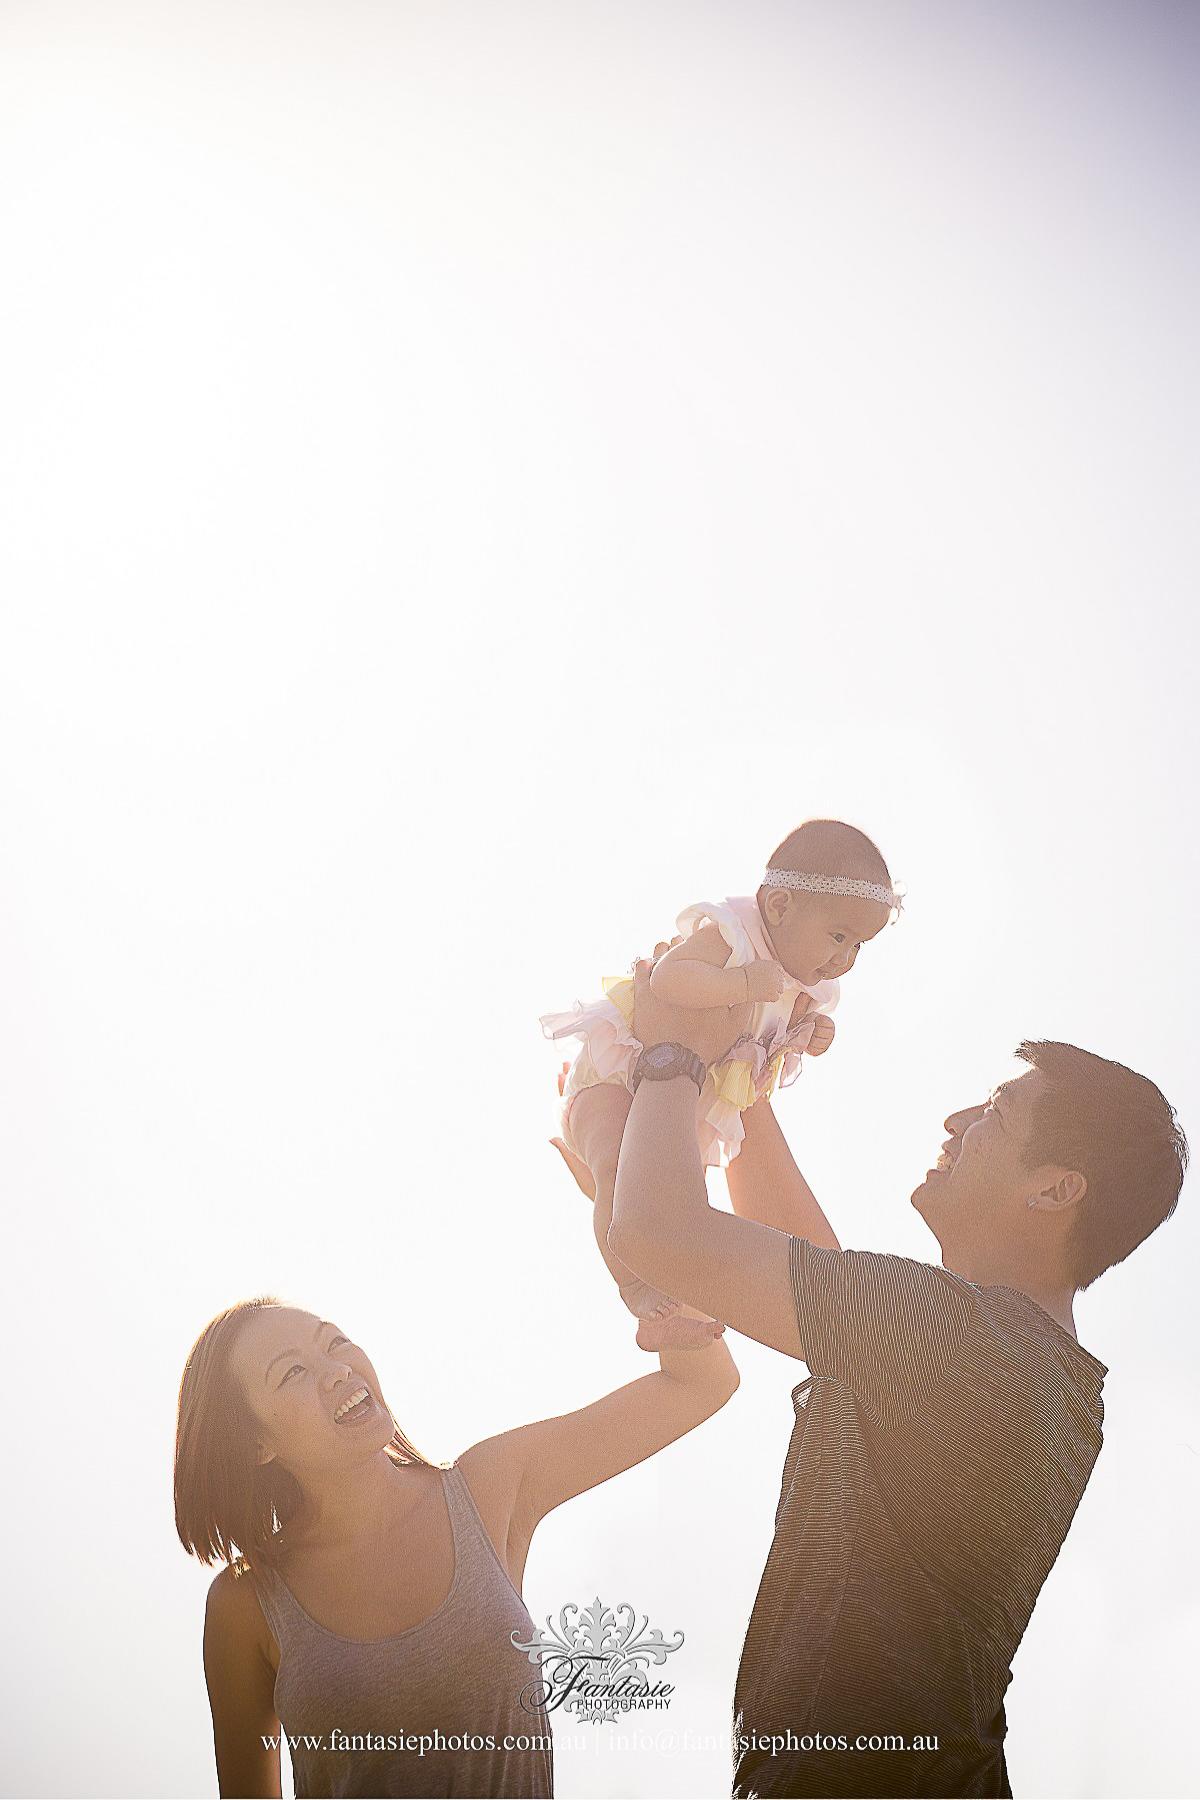 Sunset Family Photo | Fantasie Photography